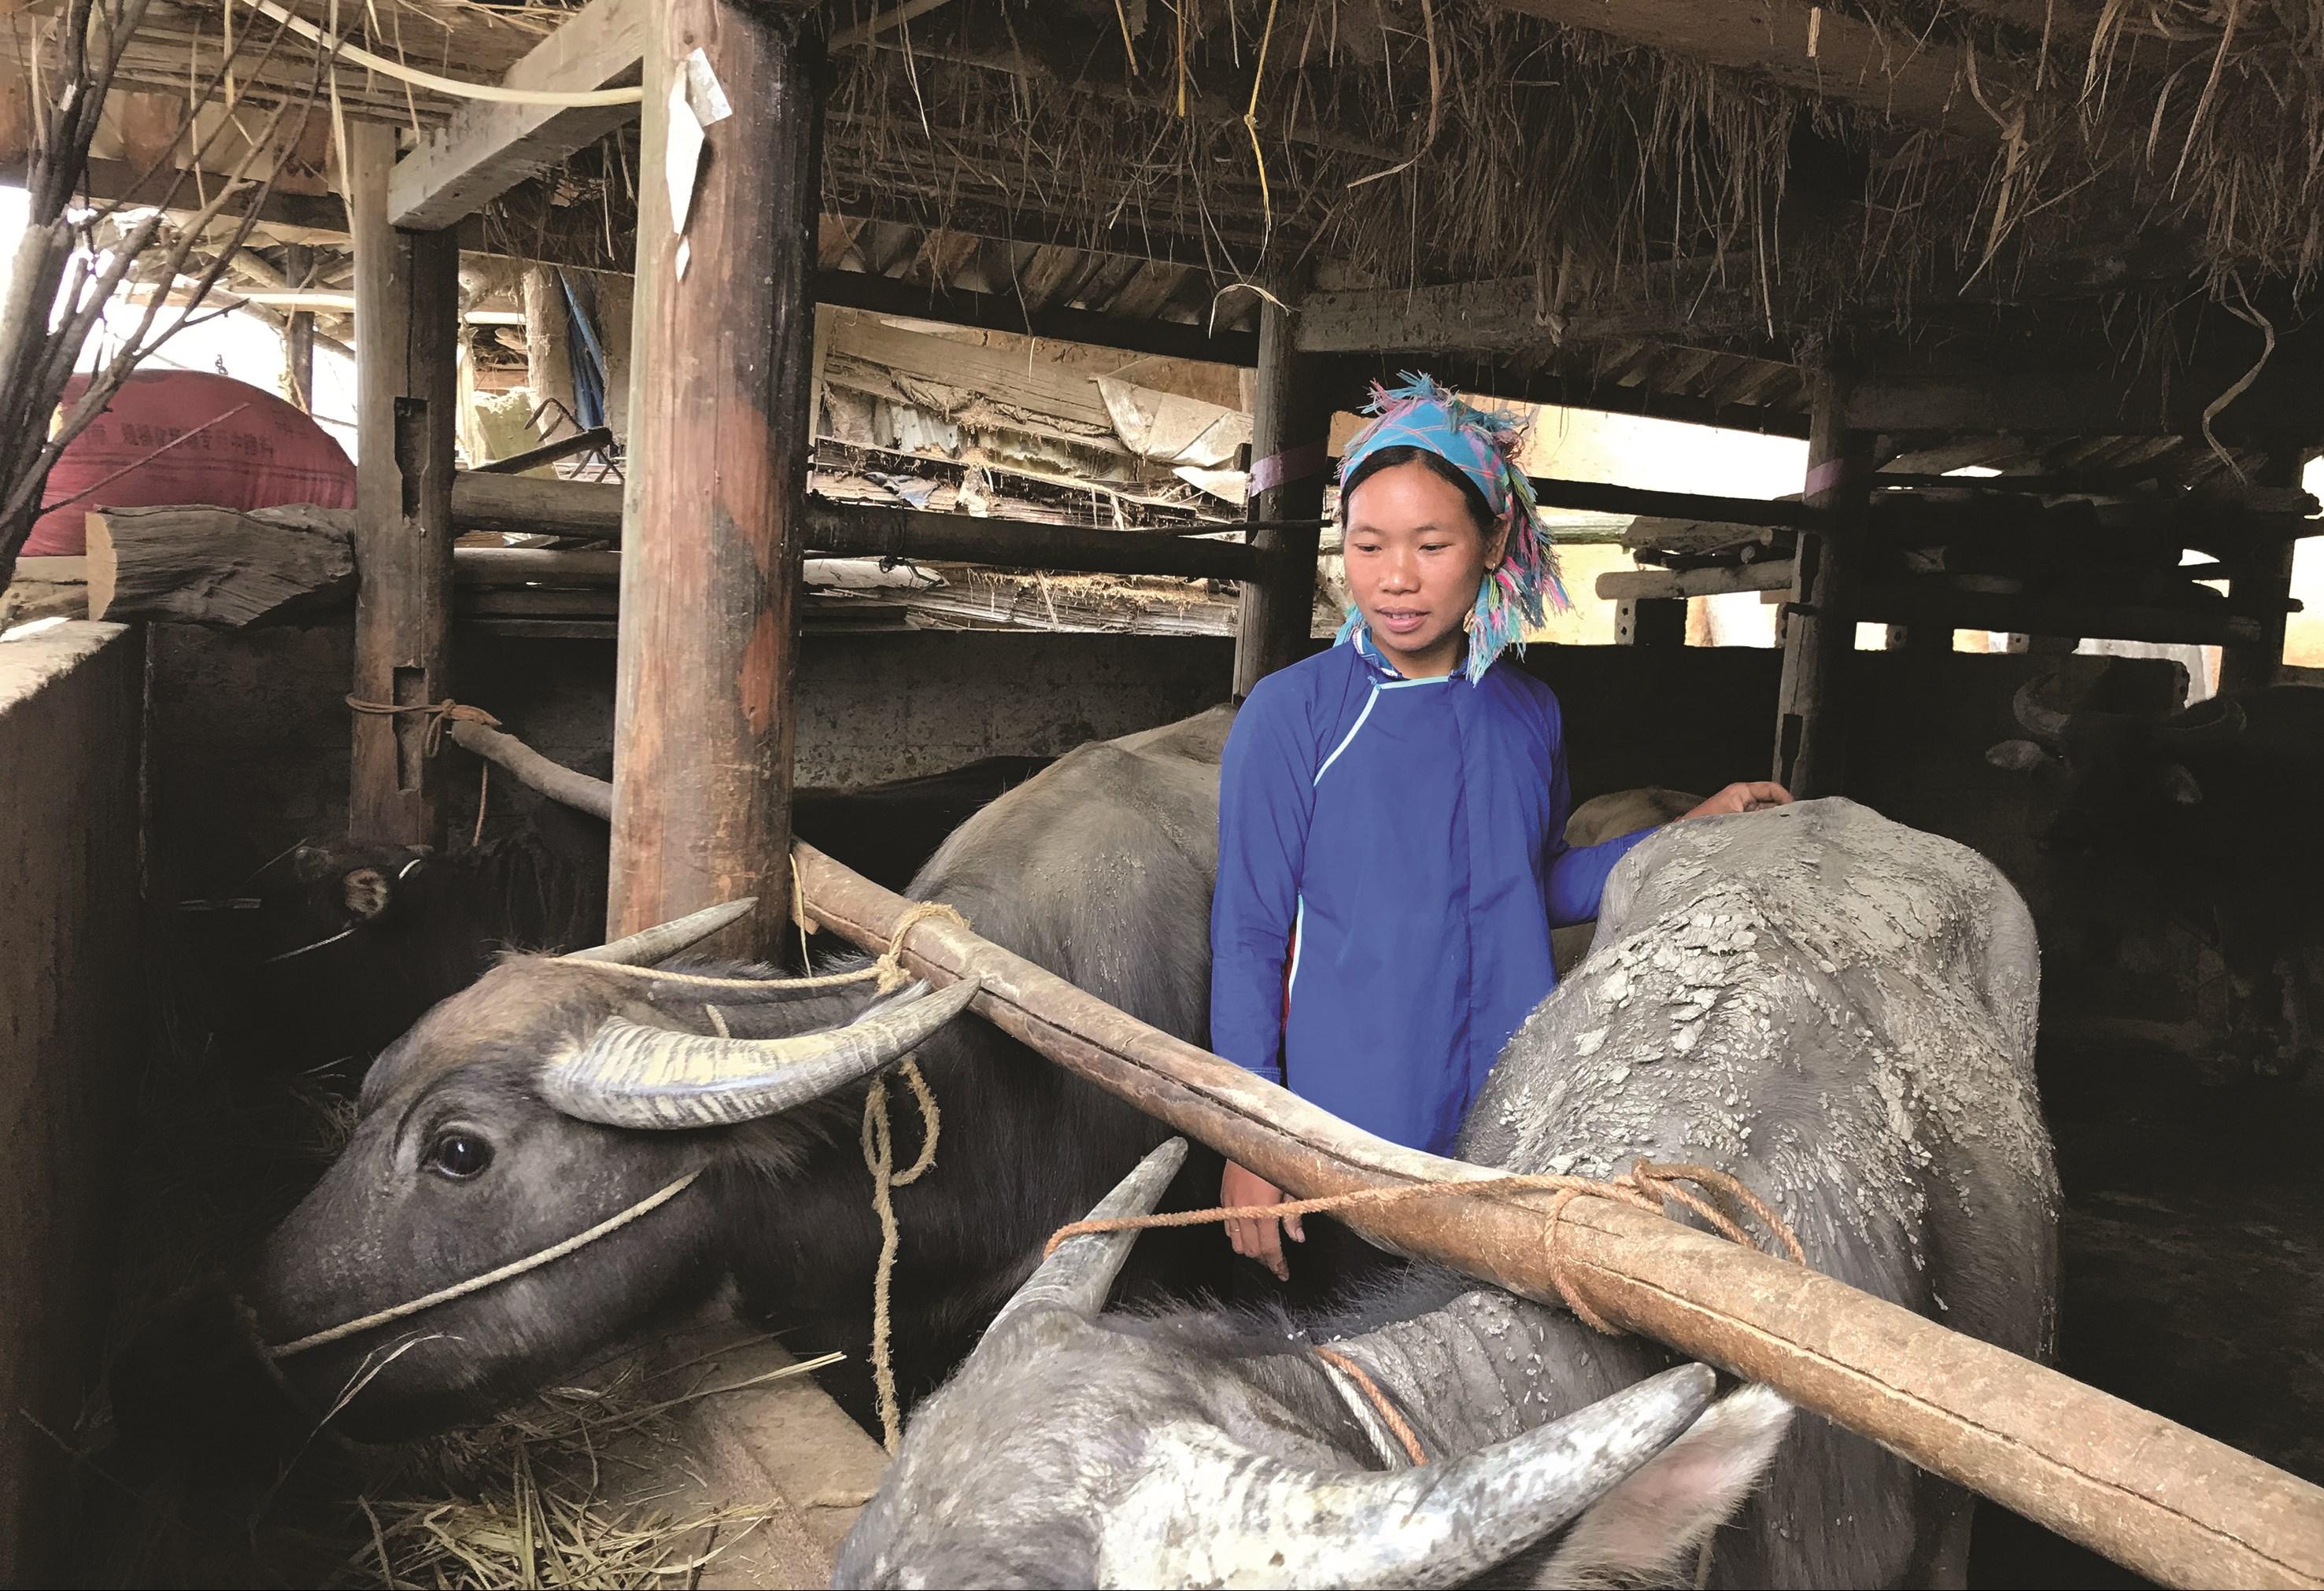 Hàng trăm hộ nông dân thoát nghèo vươn lên làm giàu từ nguồn hỗ trợ chăn nuôi đại gia súc theo Nghị quyết 22.